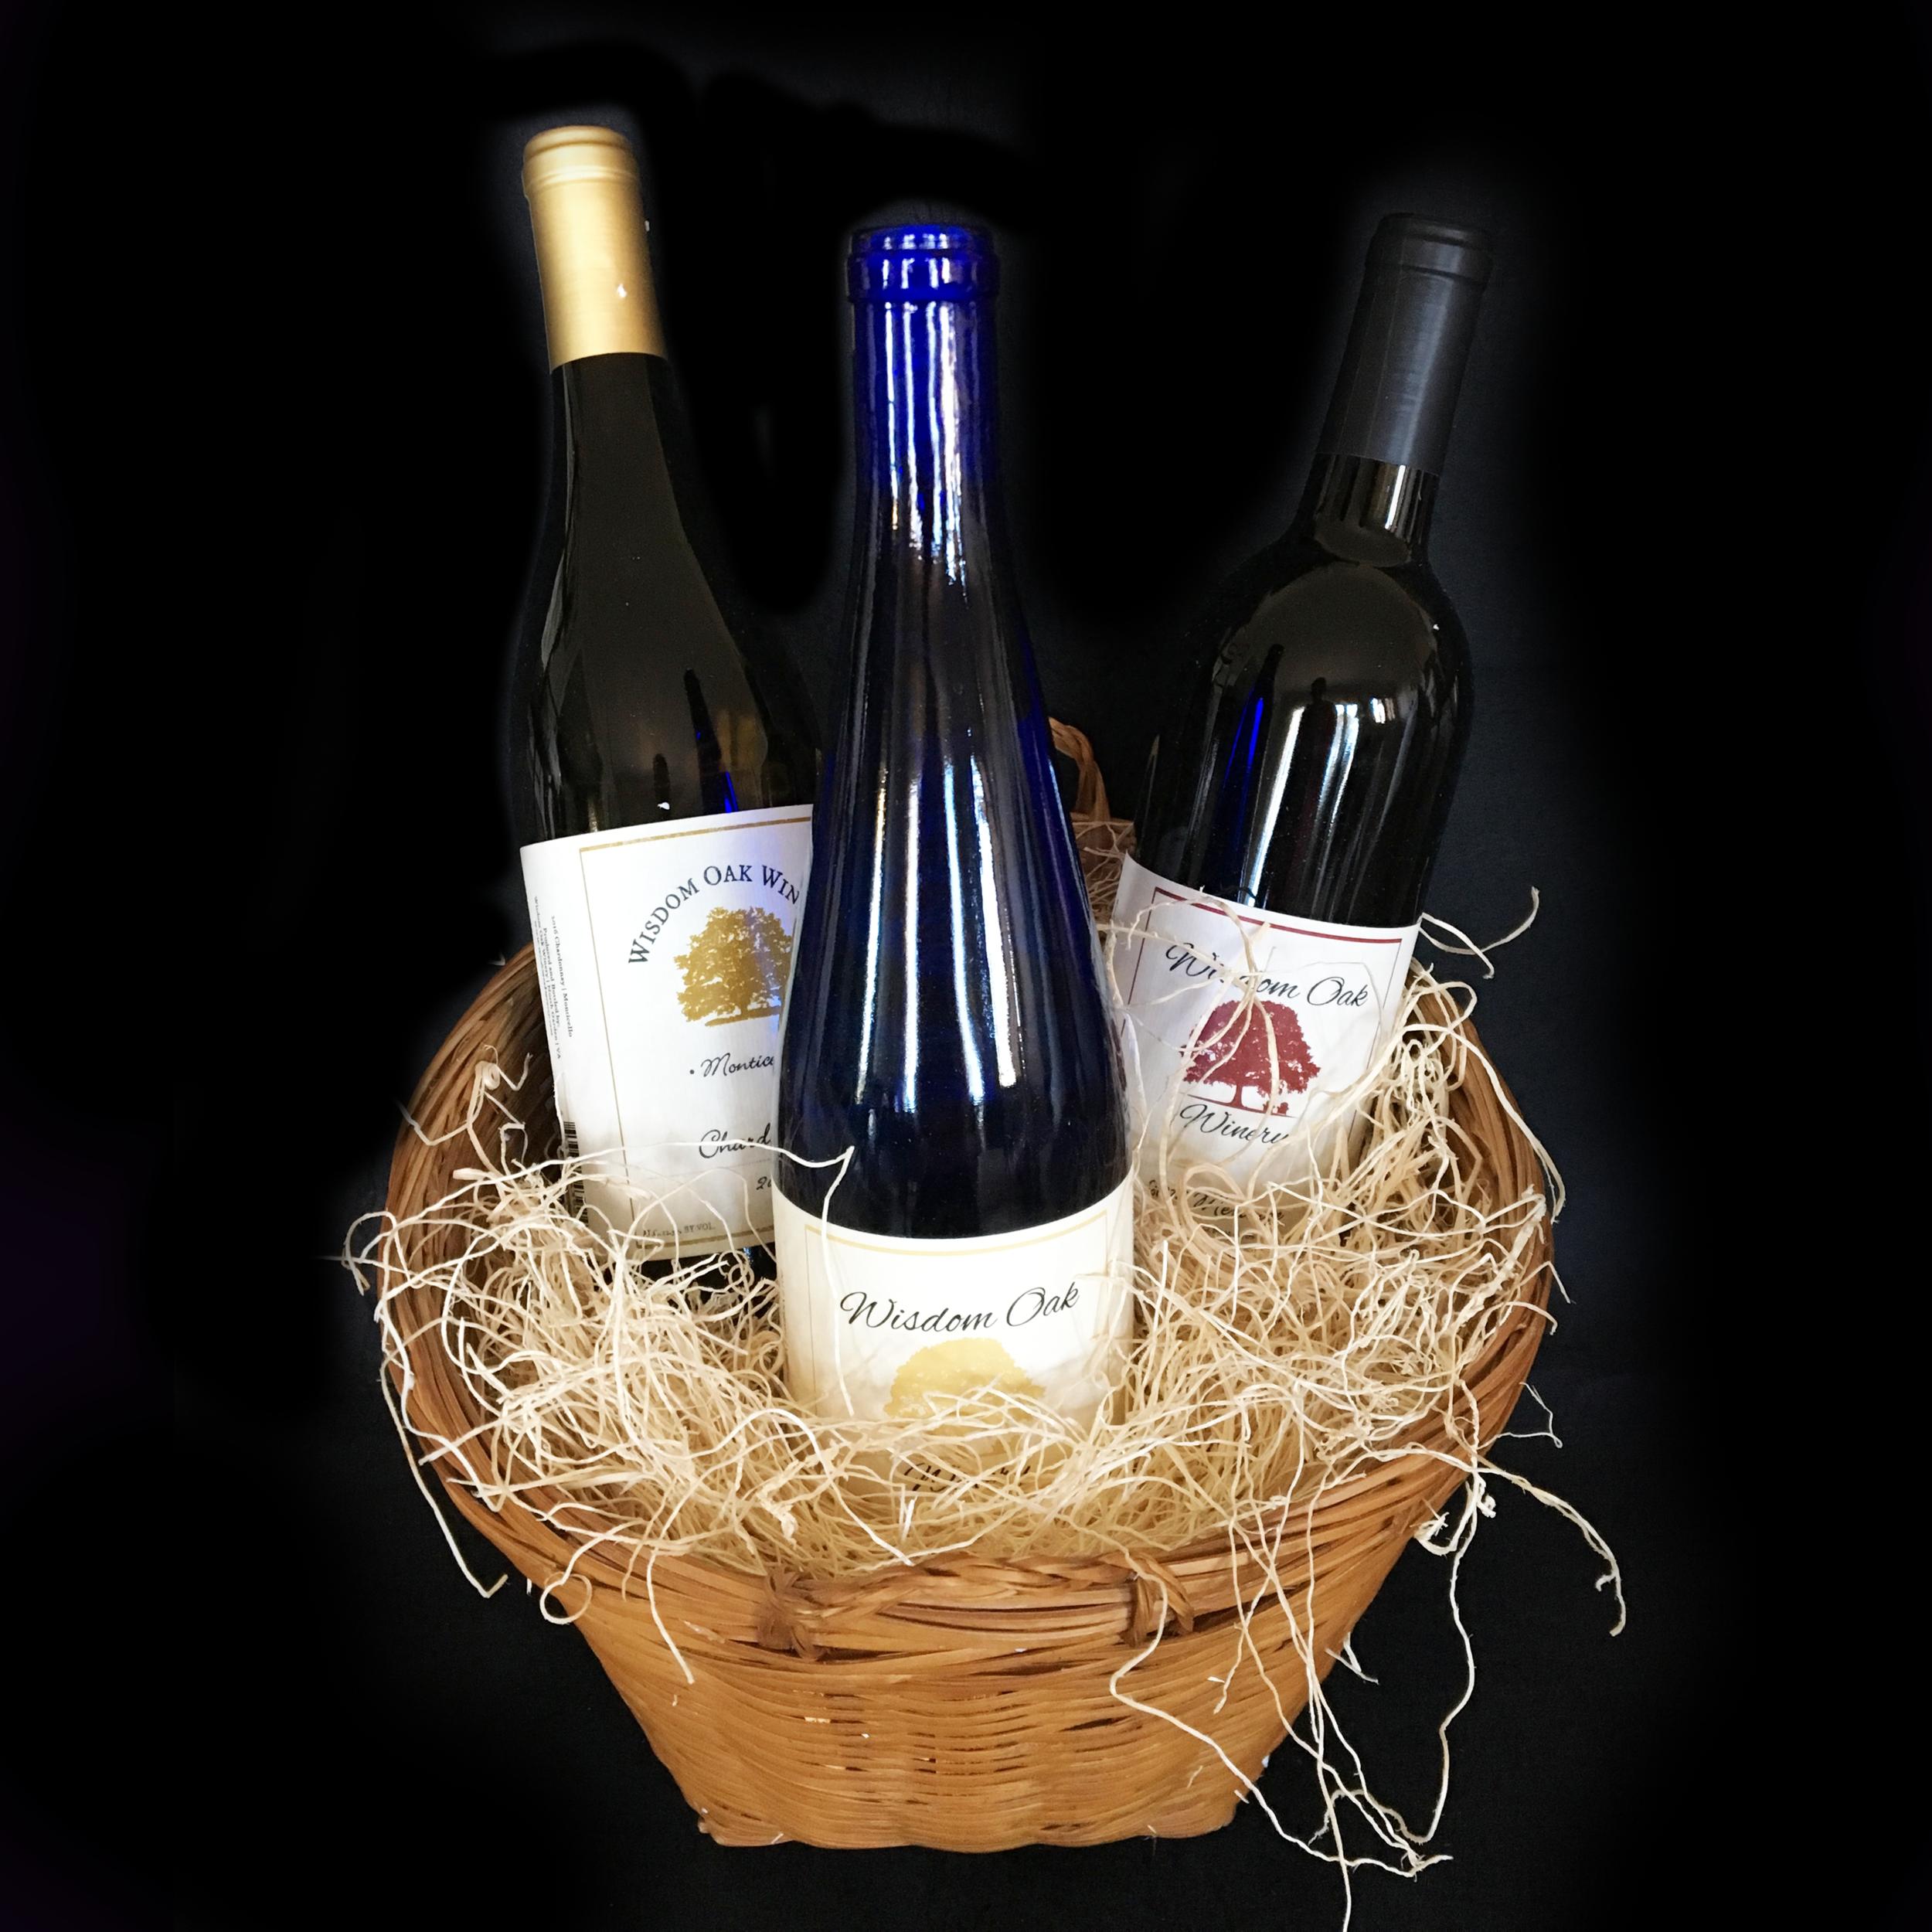 Wisdom Oaks Basket - Three Bottles of Assorted Wine